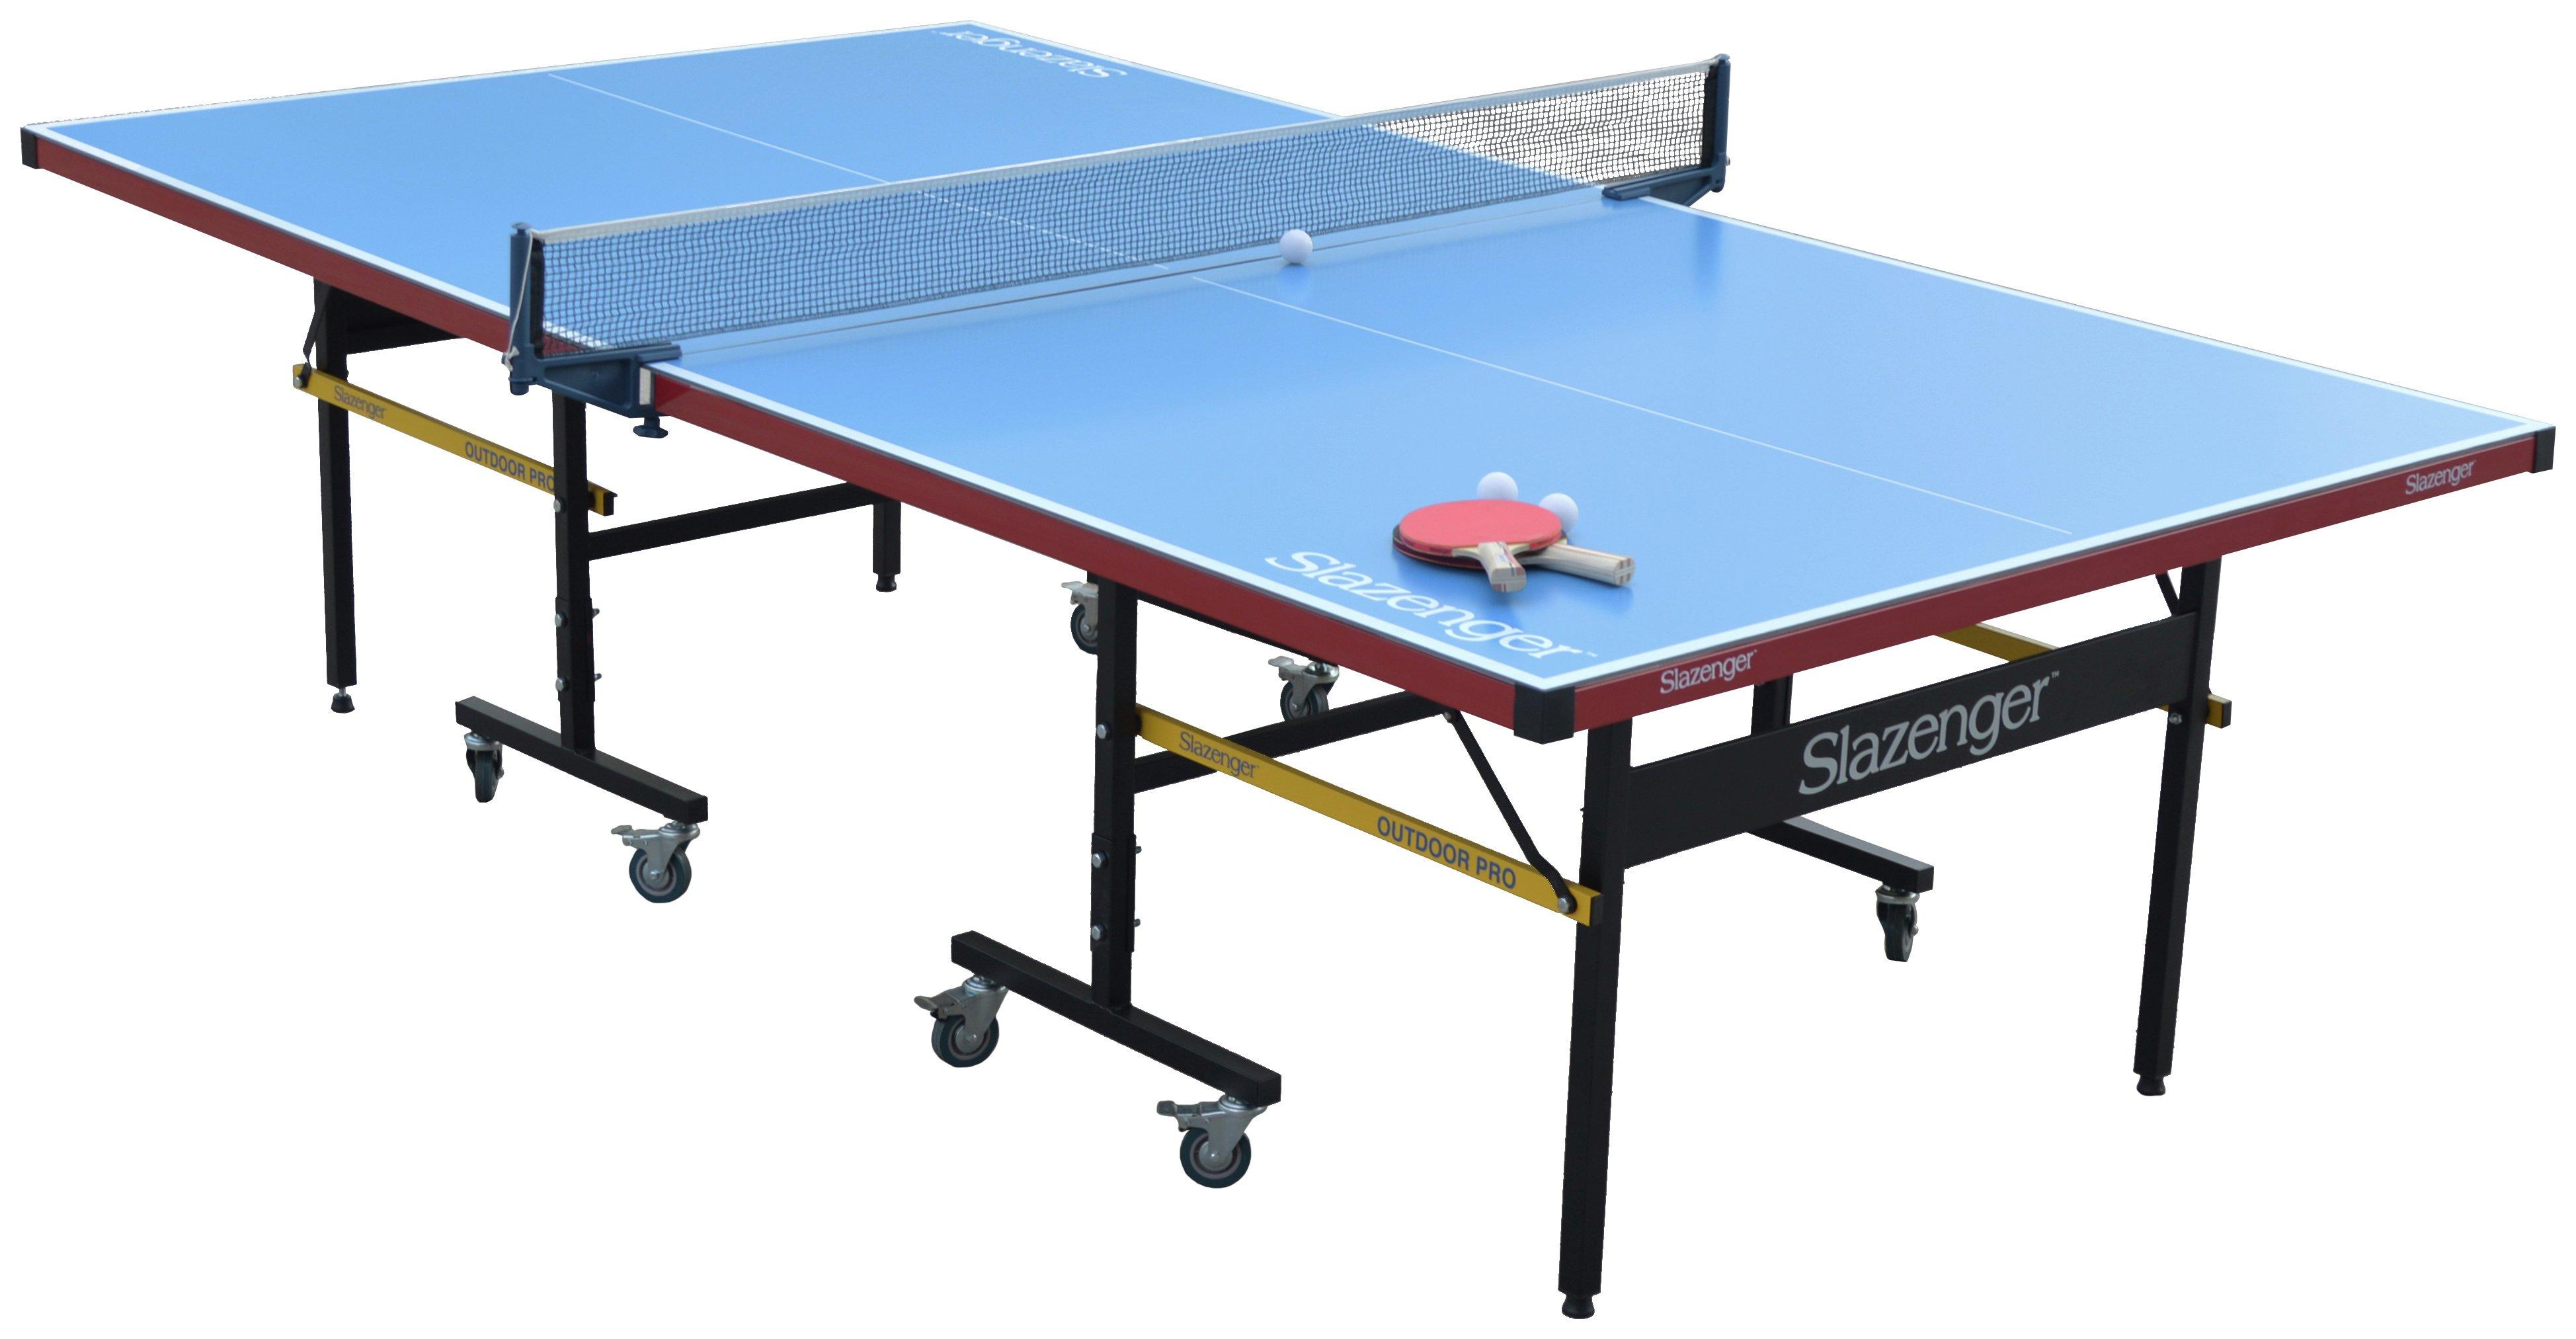 Slazenger Full Size Outdoor Table Tennis Table